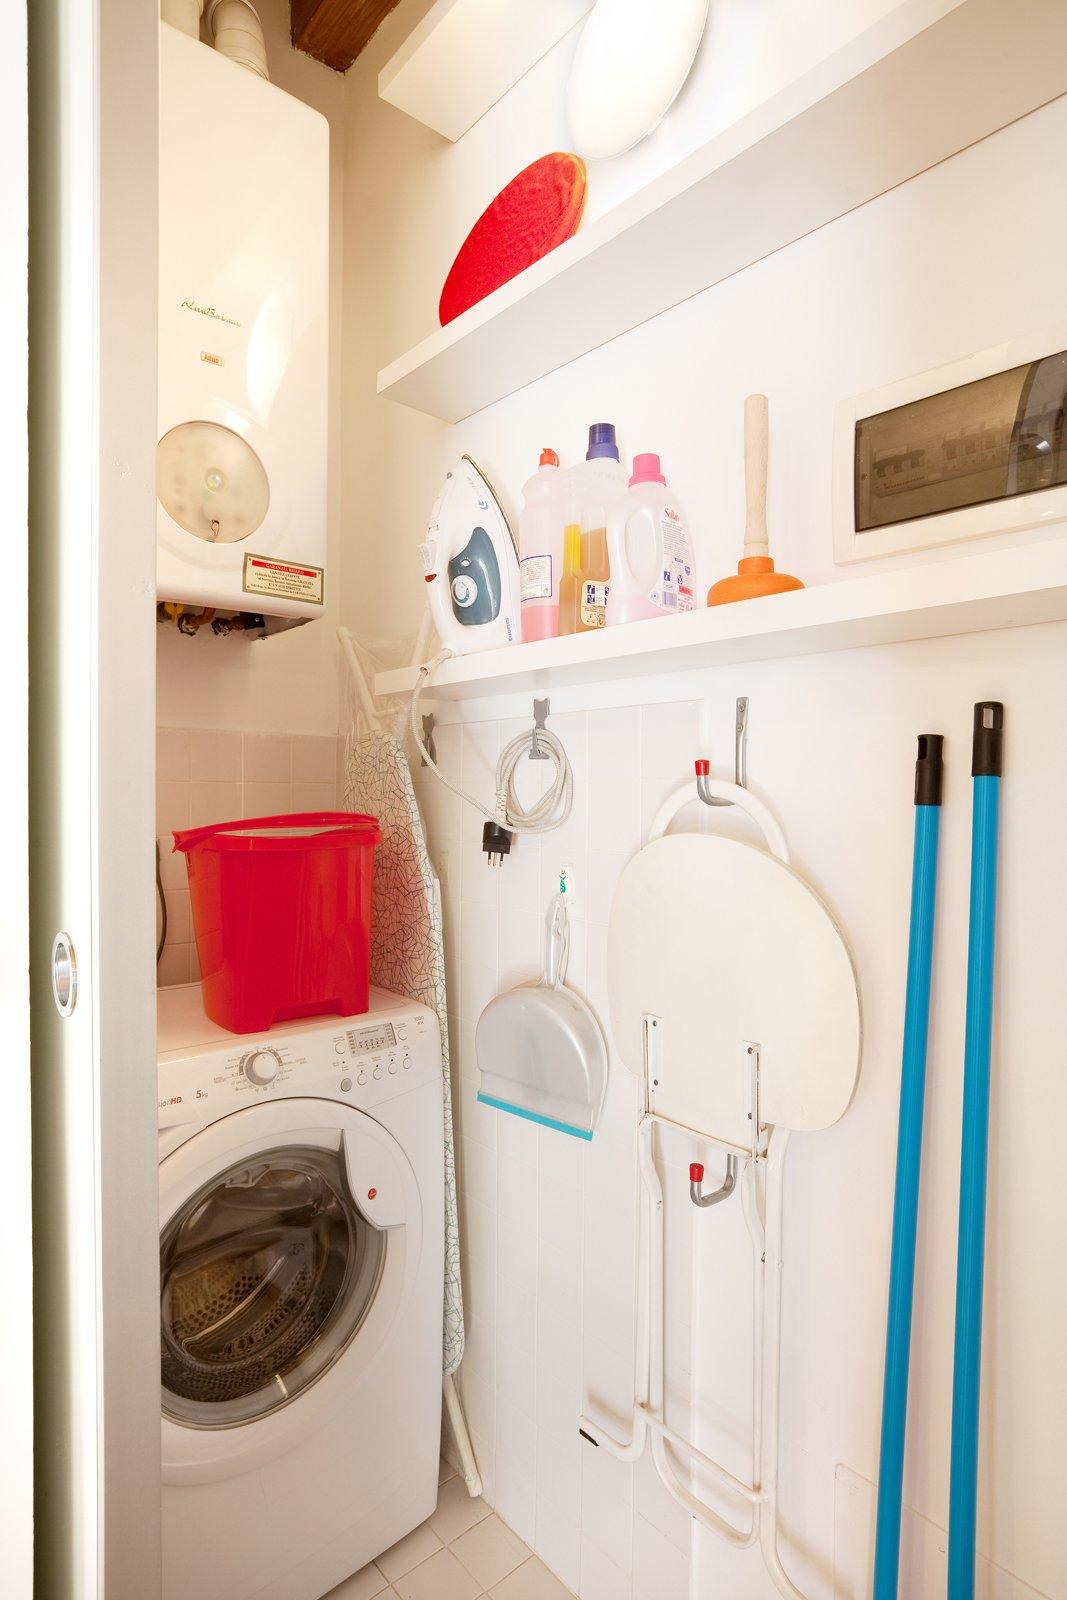 Monolocale di 25 mq con soluzioni salvaspazio cose di casa - Lavatrice in bagno soluzioni ...